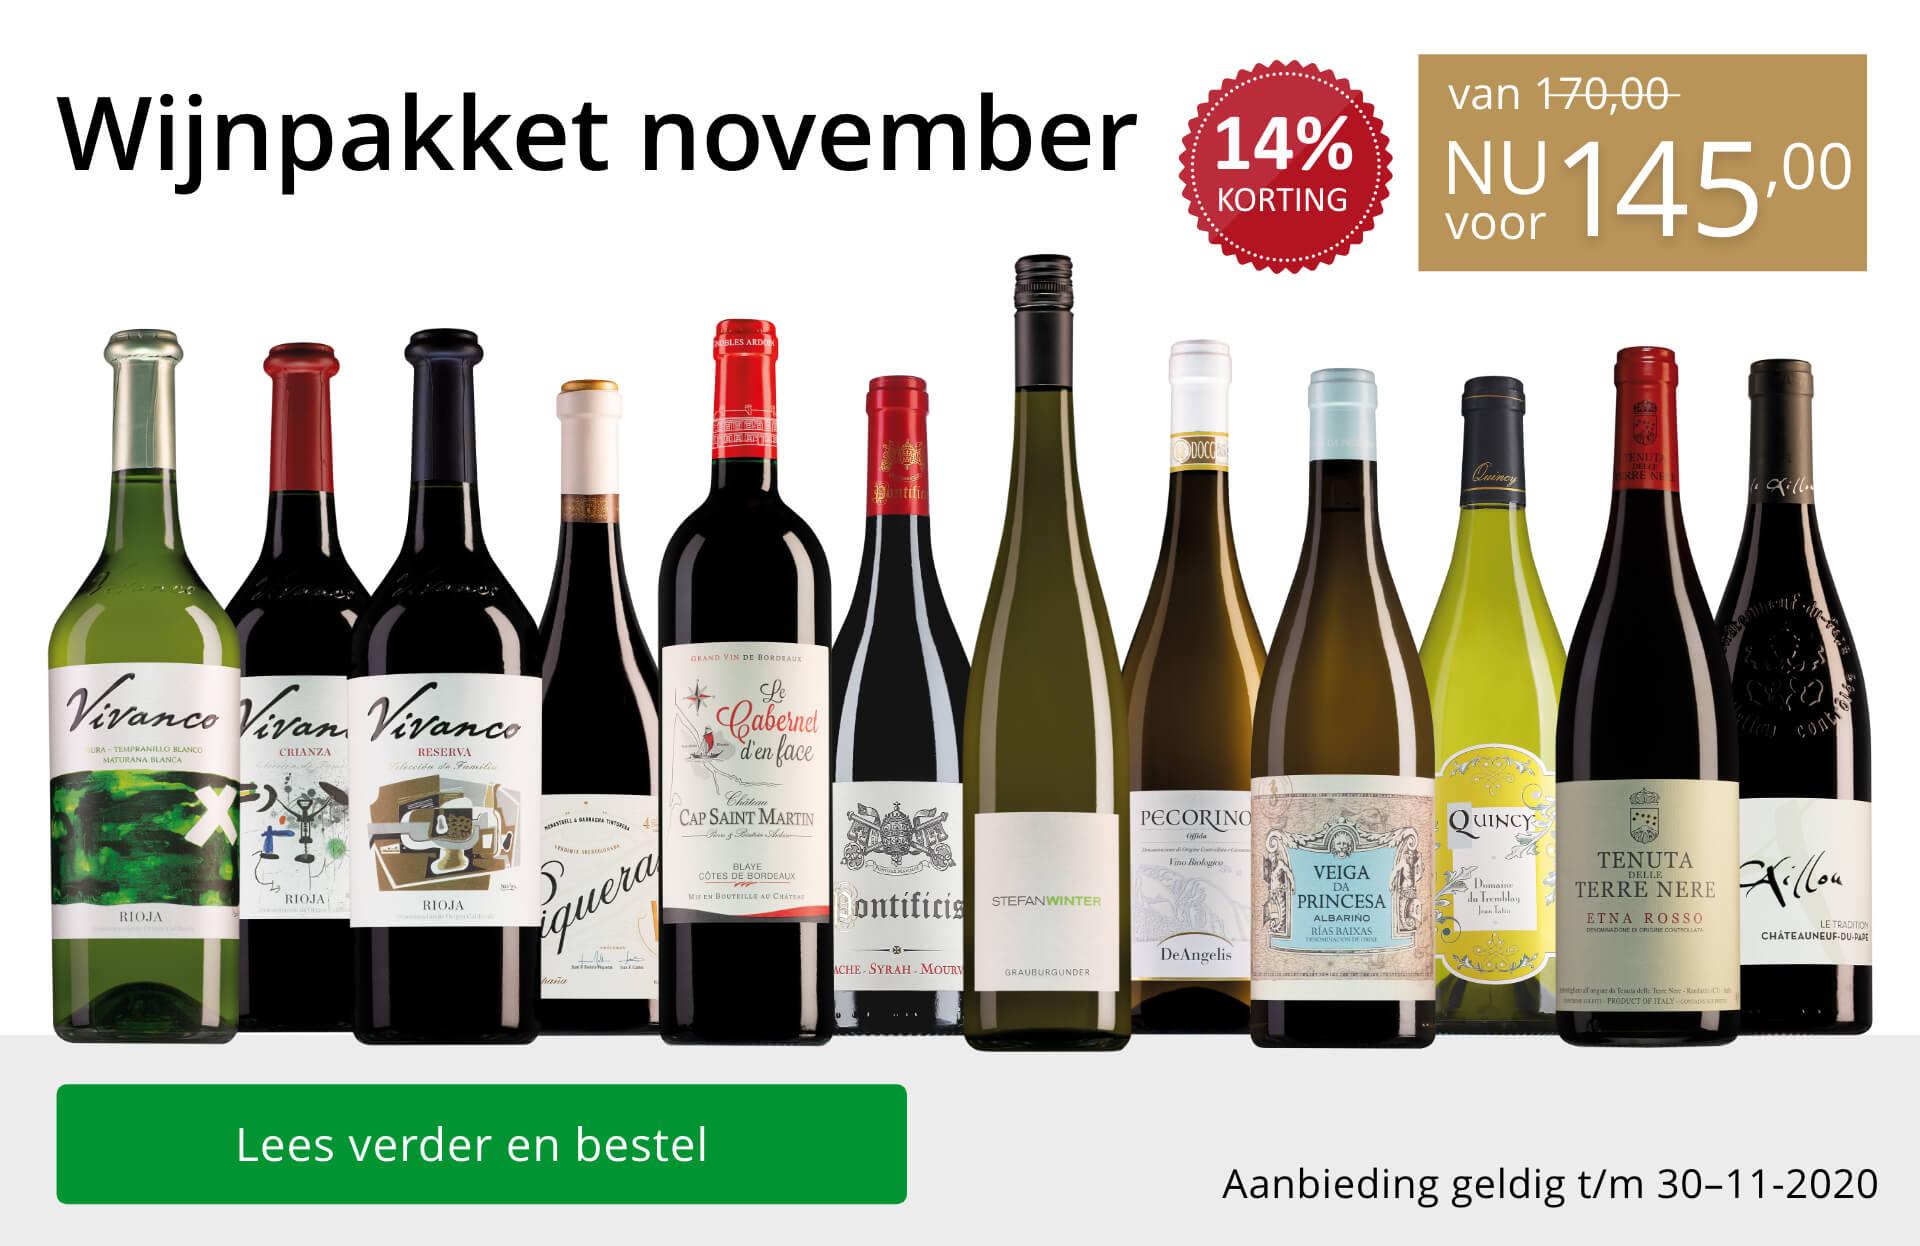 Wijnpakket wijnbericht november 2020(145,00)-goud/zwart